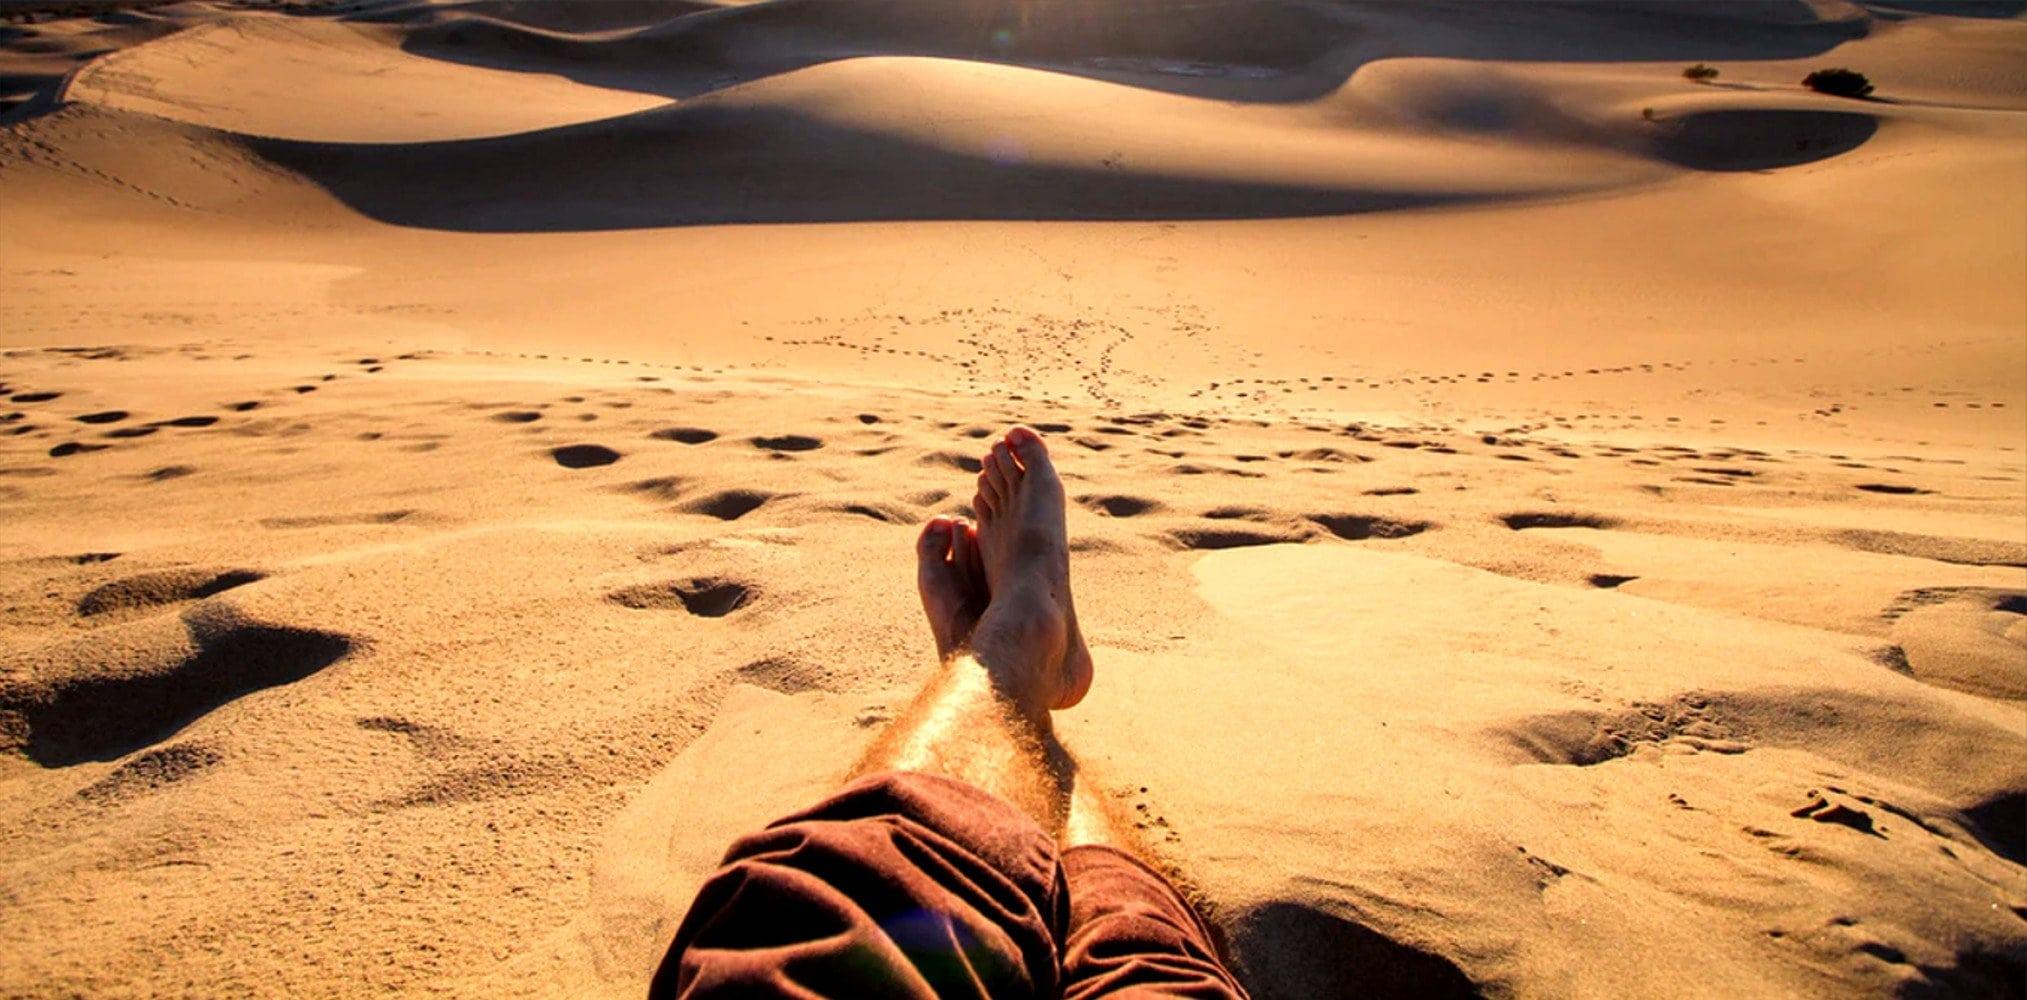 Best Barefoot Shoes for Desert Sand Dunes [2020]